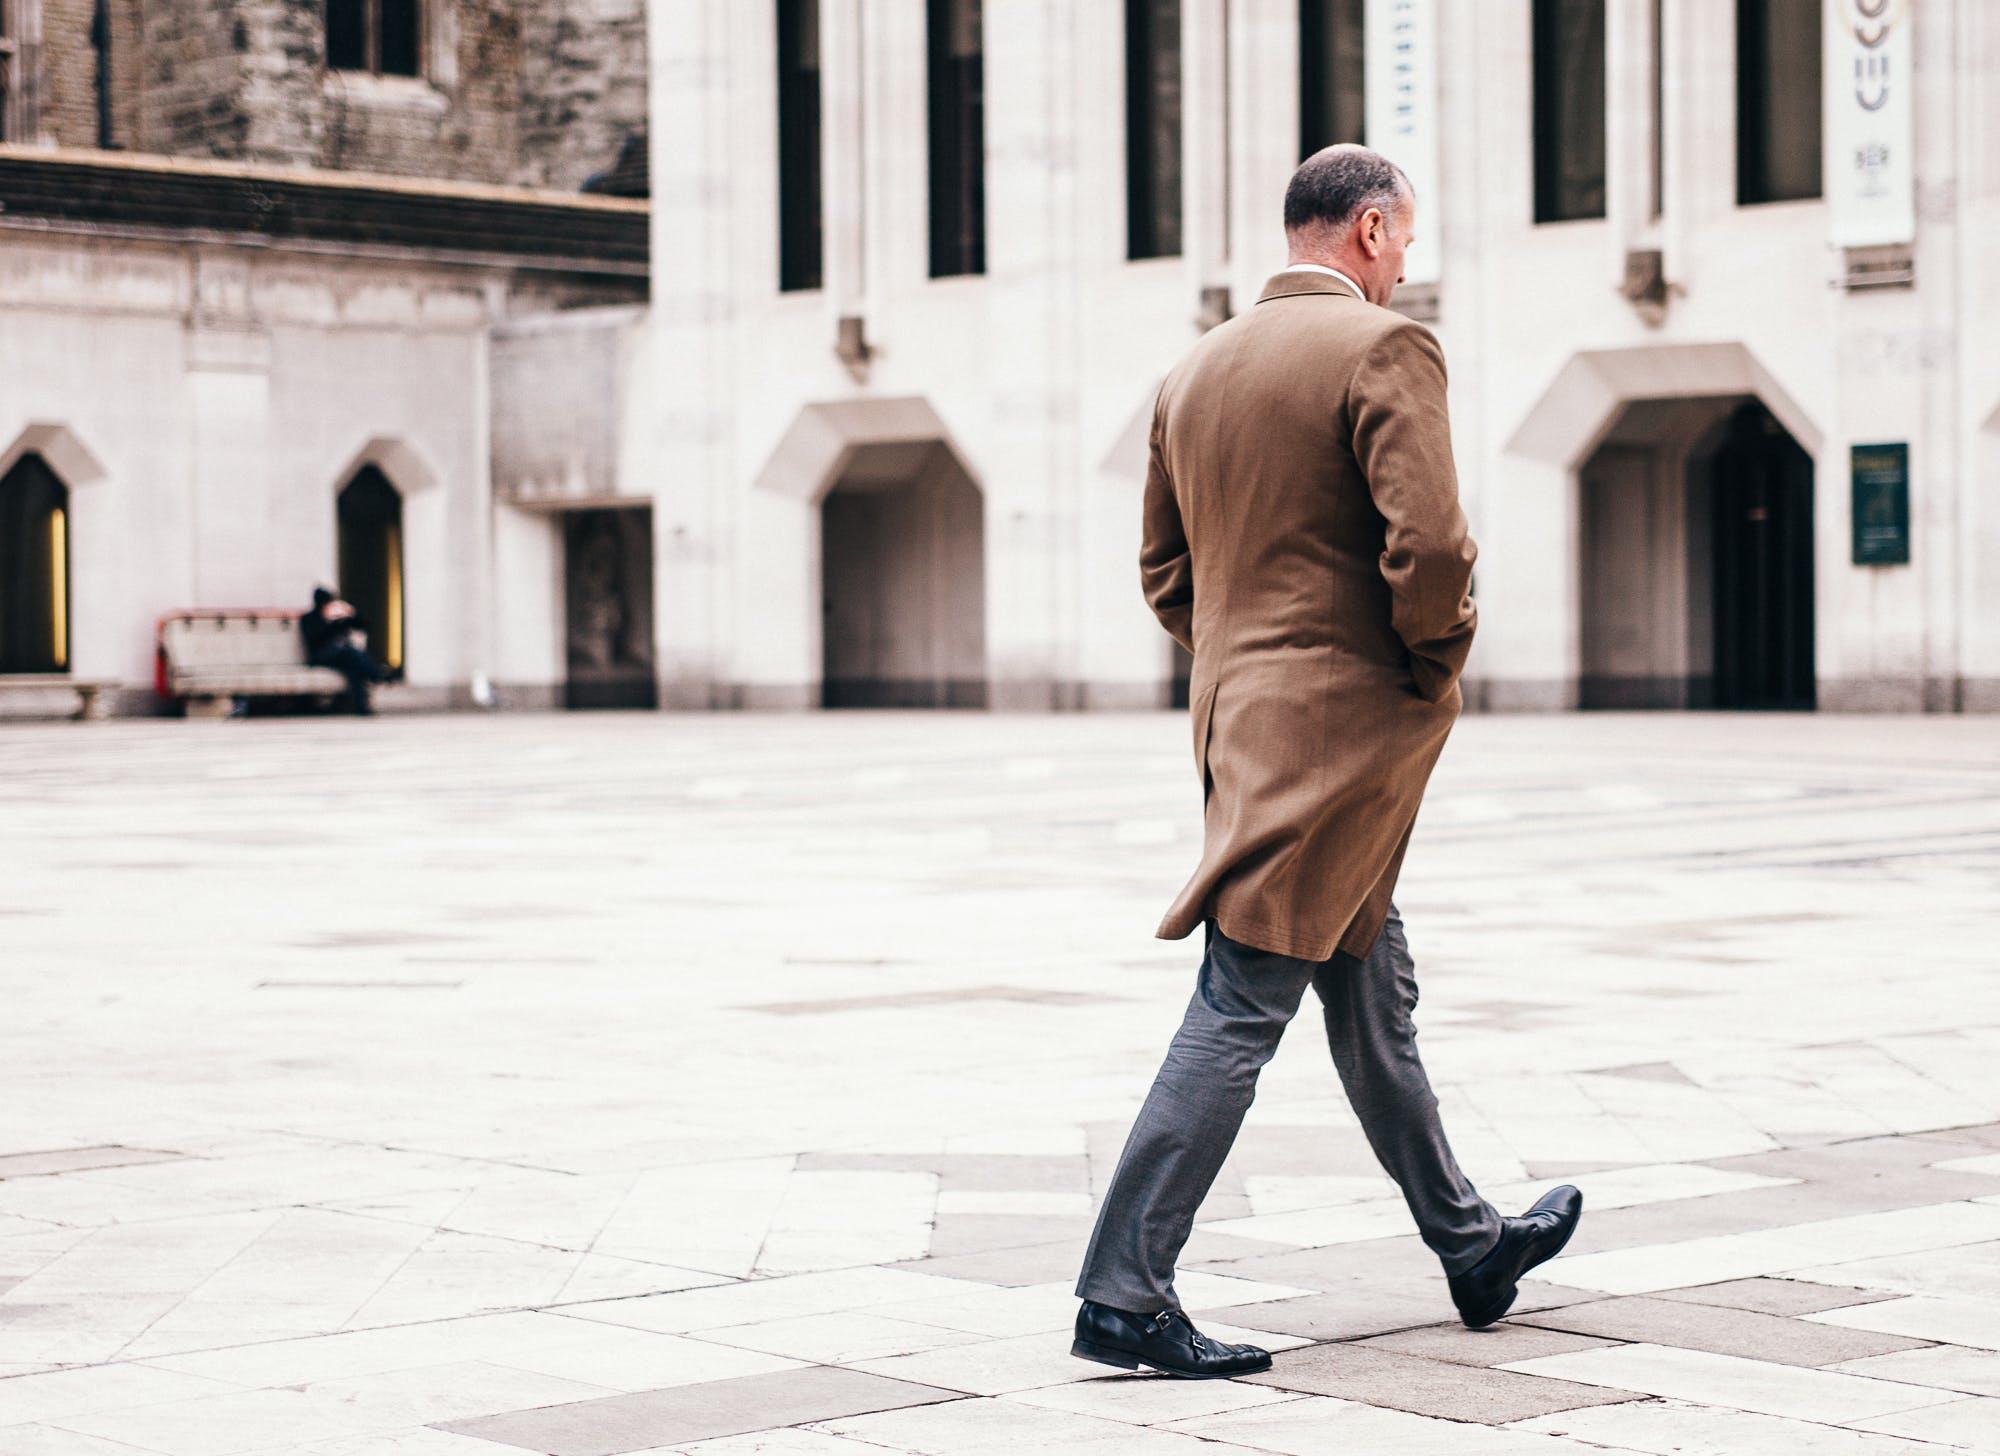 Man Walking Near Building